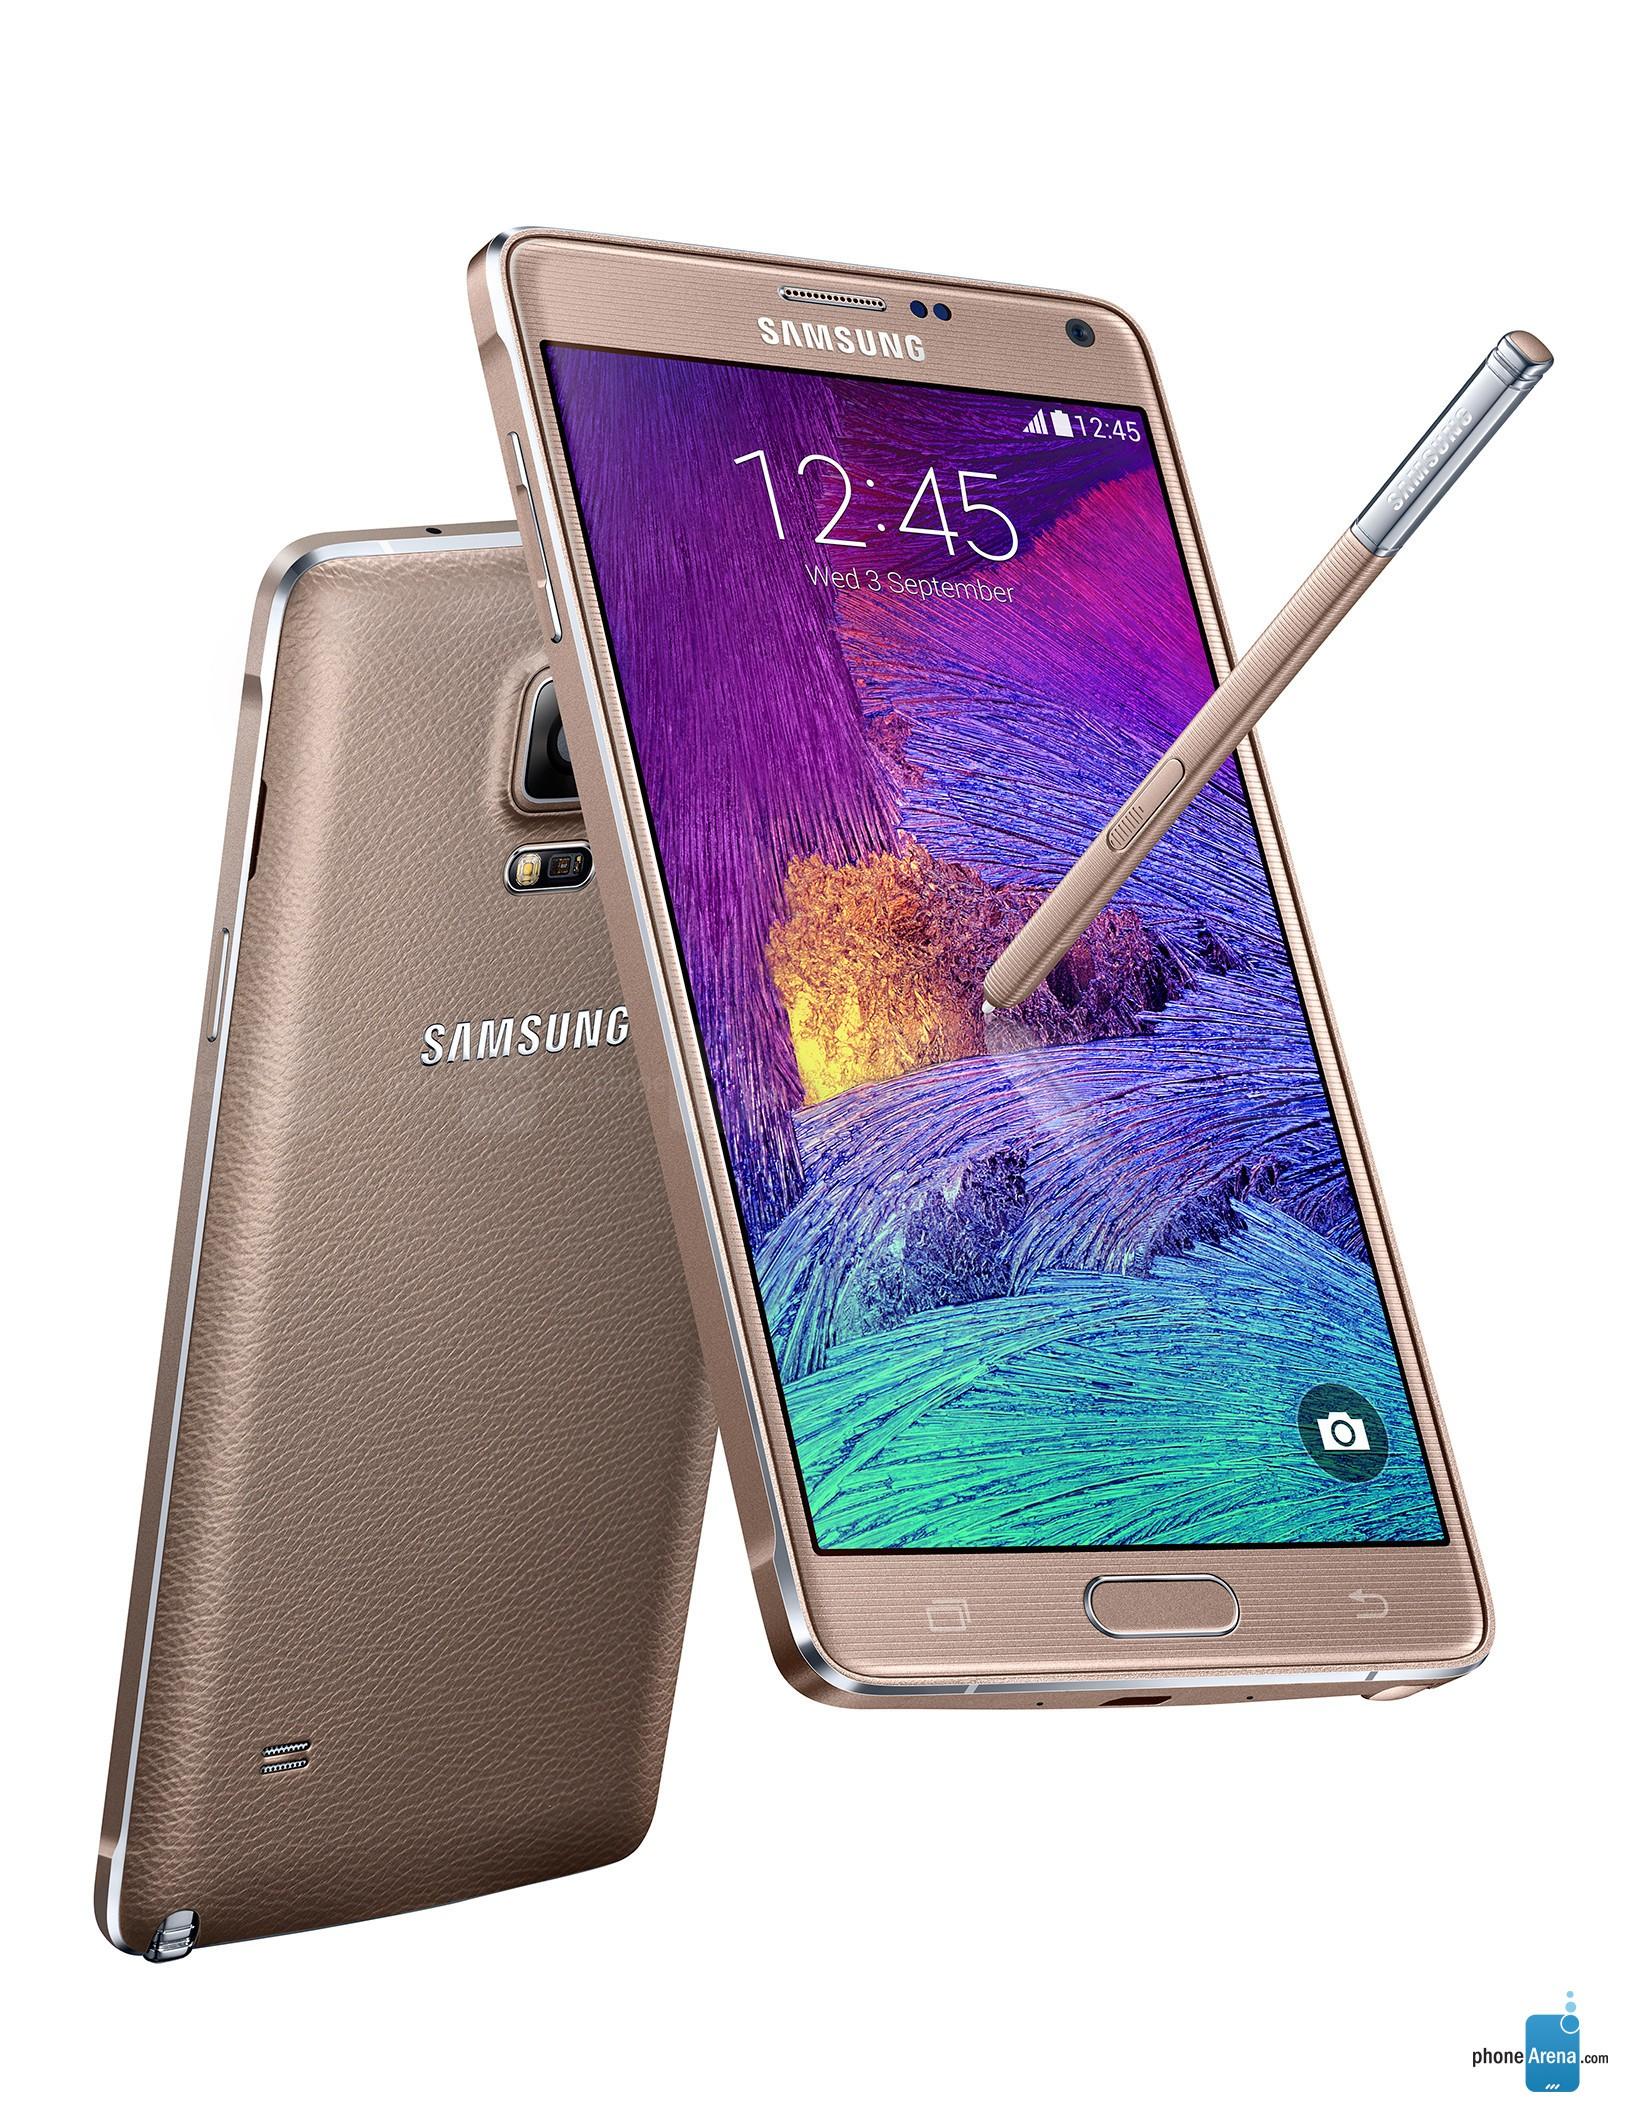 Samsung Galaxy Note 4 9 - Samsung Galaxy Note 4  bán ra tại VN, giá 18 triệu đồng